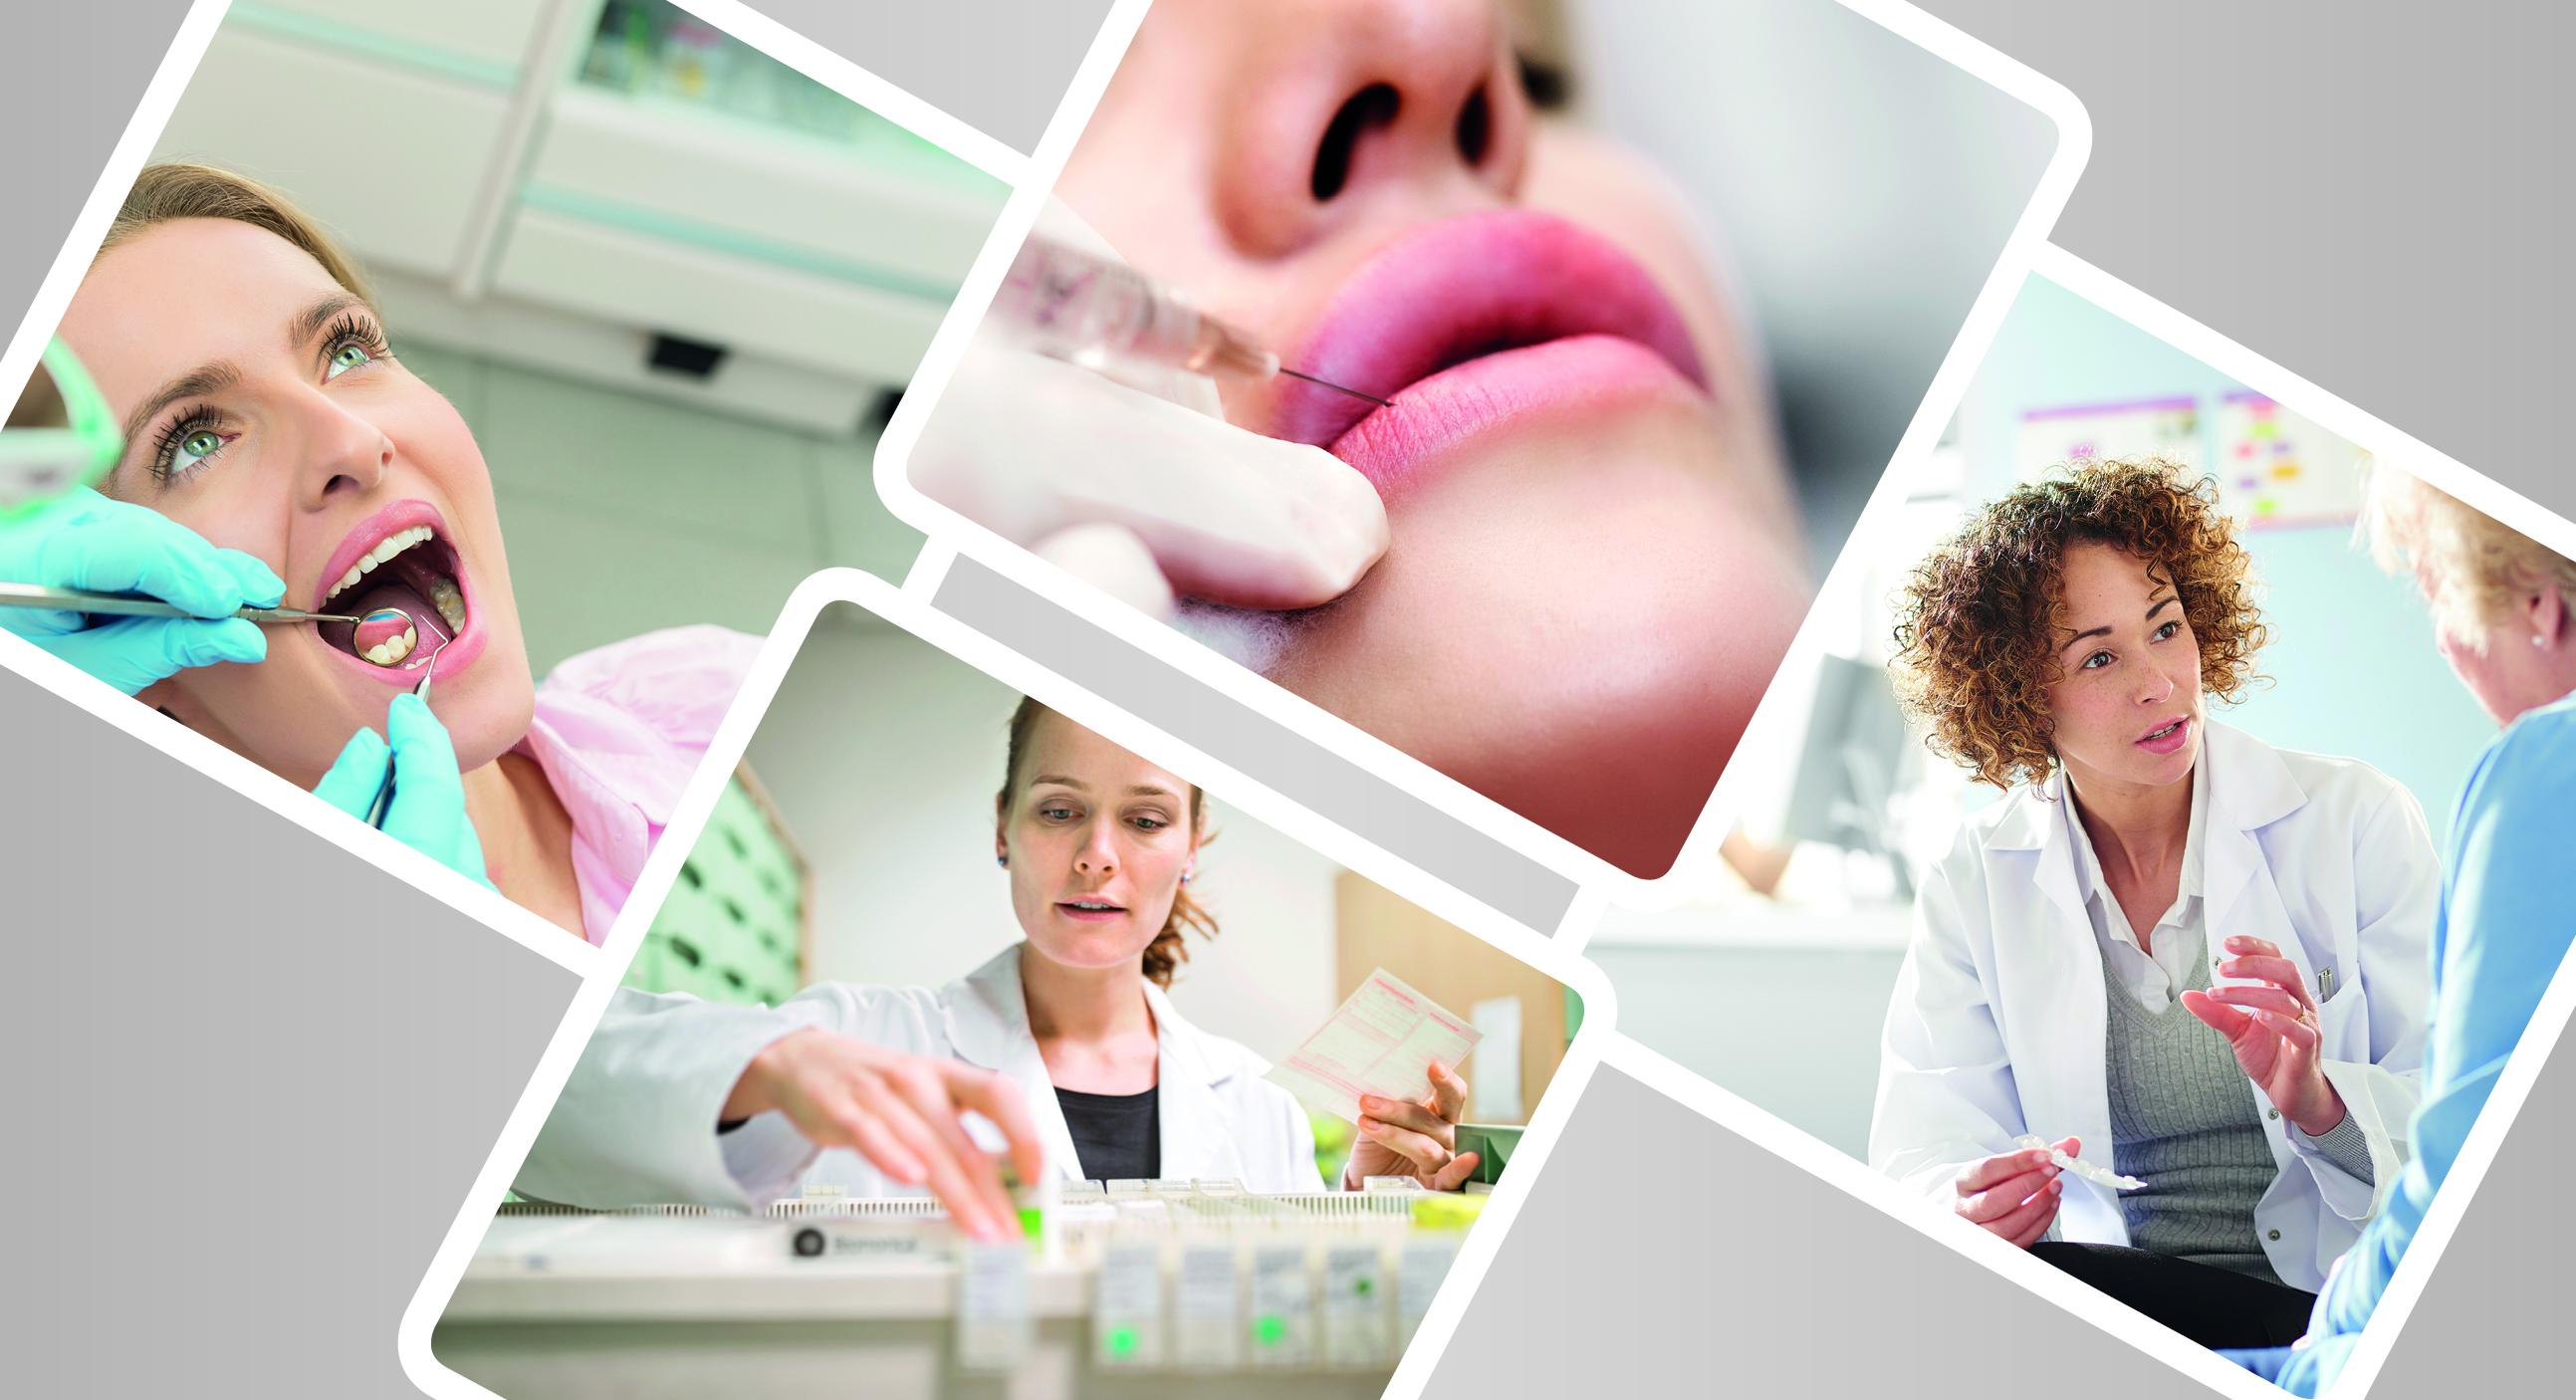 Vorschriftsgemässes Lagern von Medikamenten in Praxen und medizinischen Anstalten